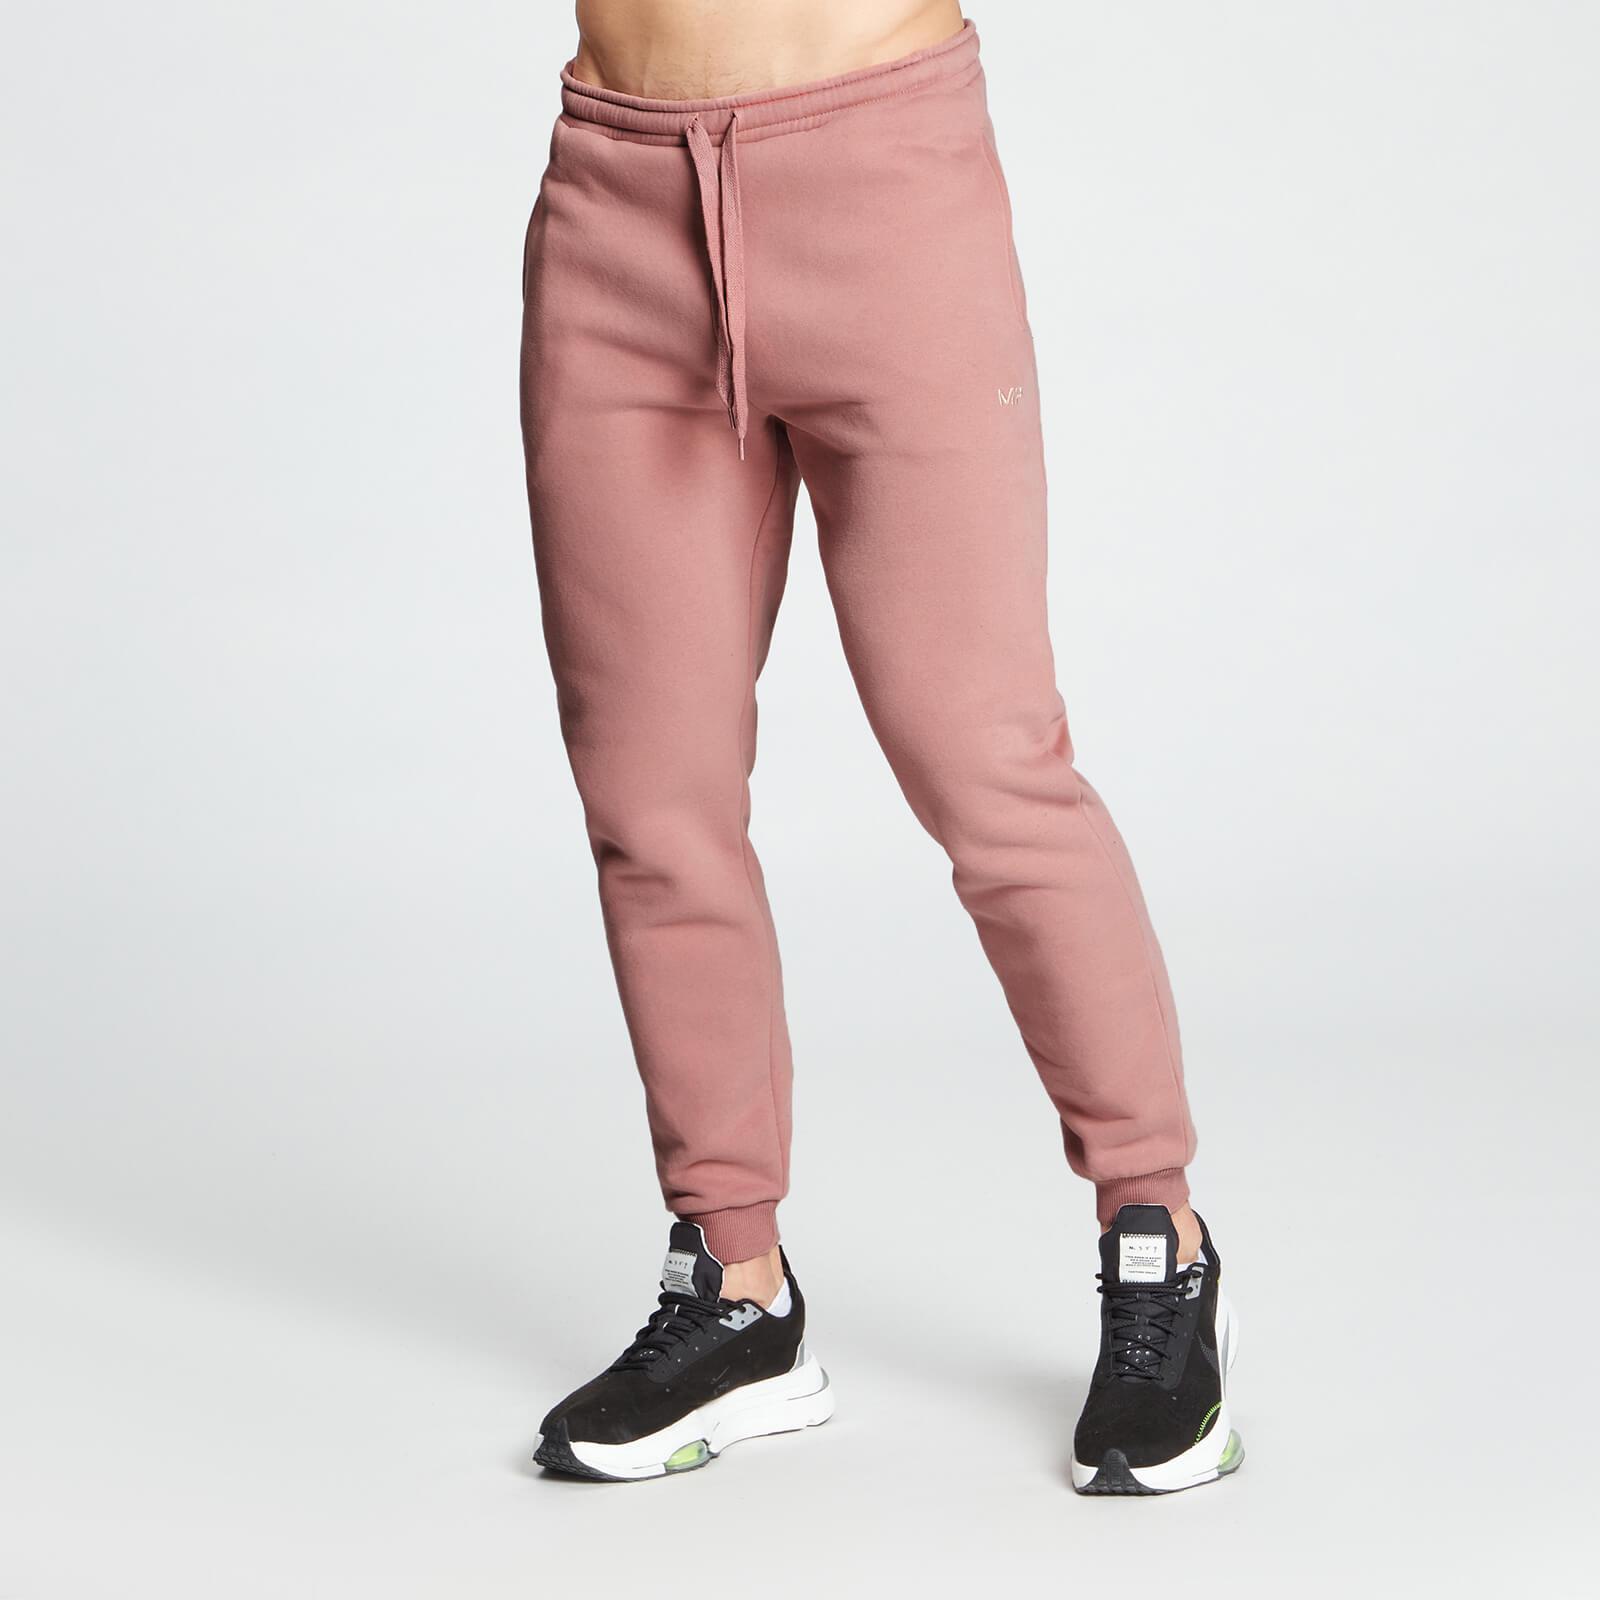 Купить MP Men's Gradient Line Graphic Jogger - Washed Pink - XXL, Myprotein International